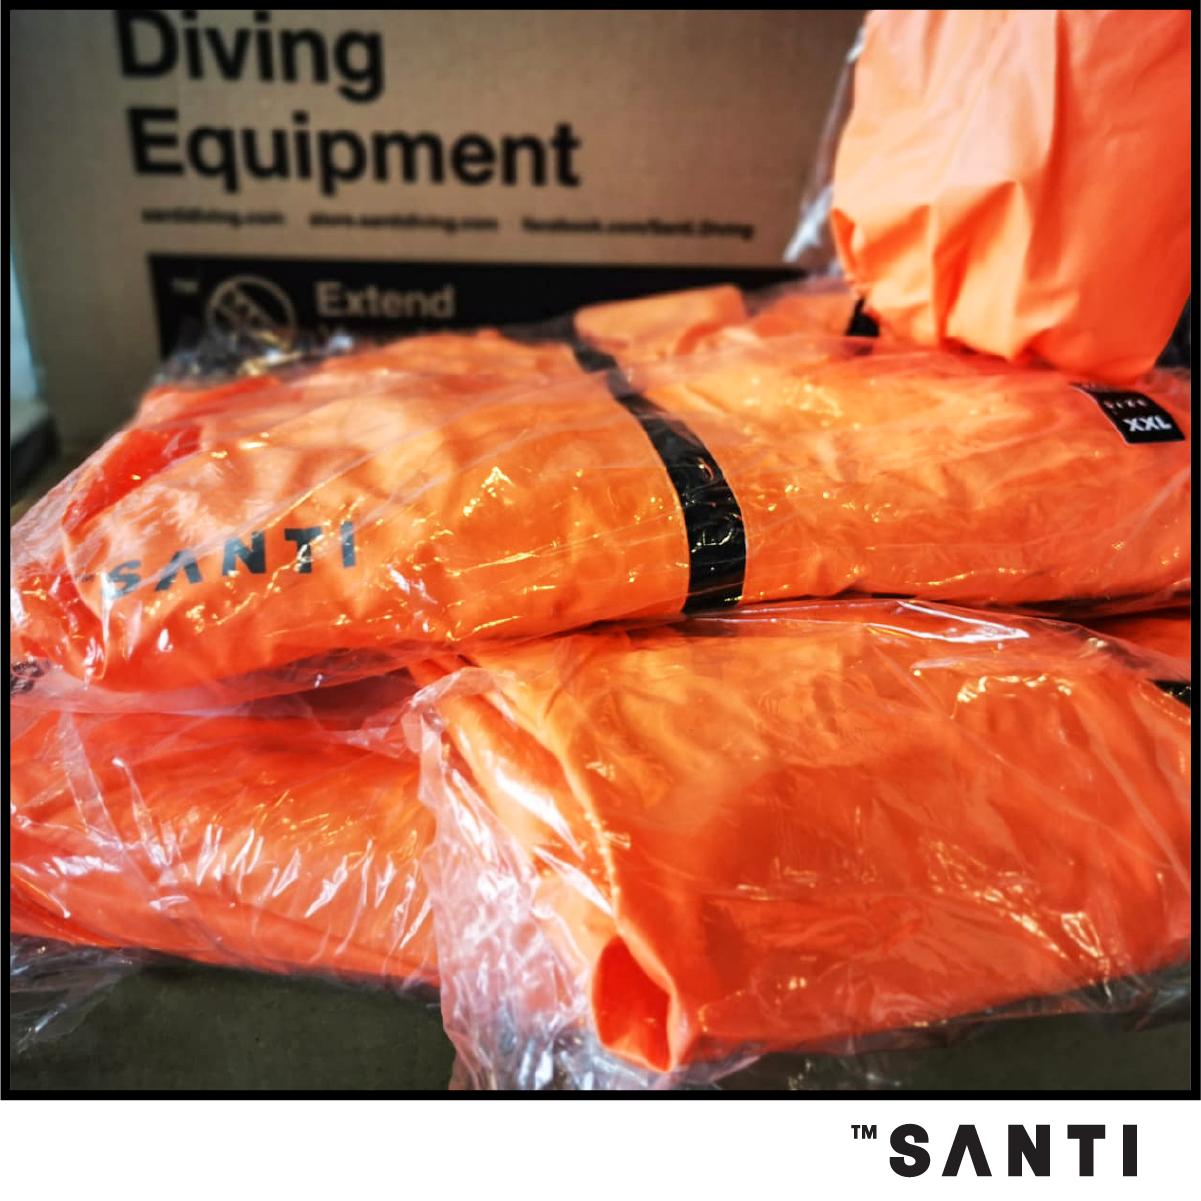 Santi Diving